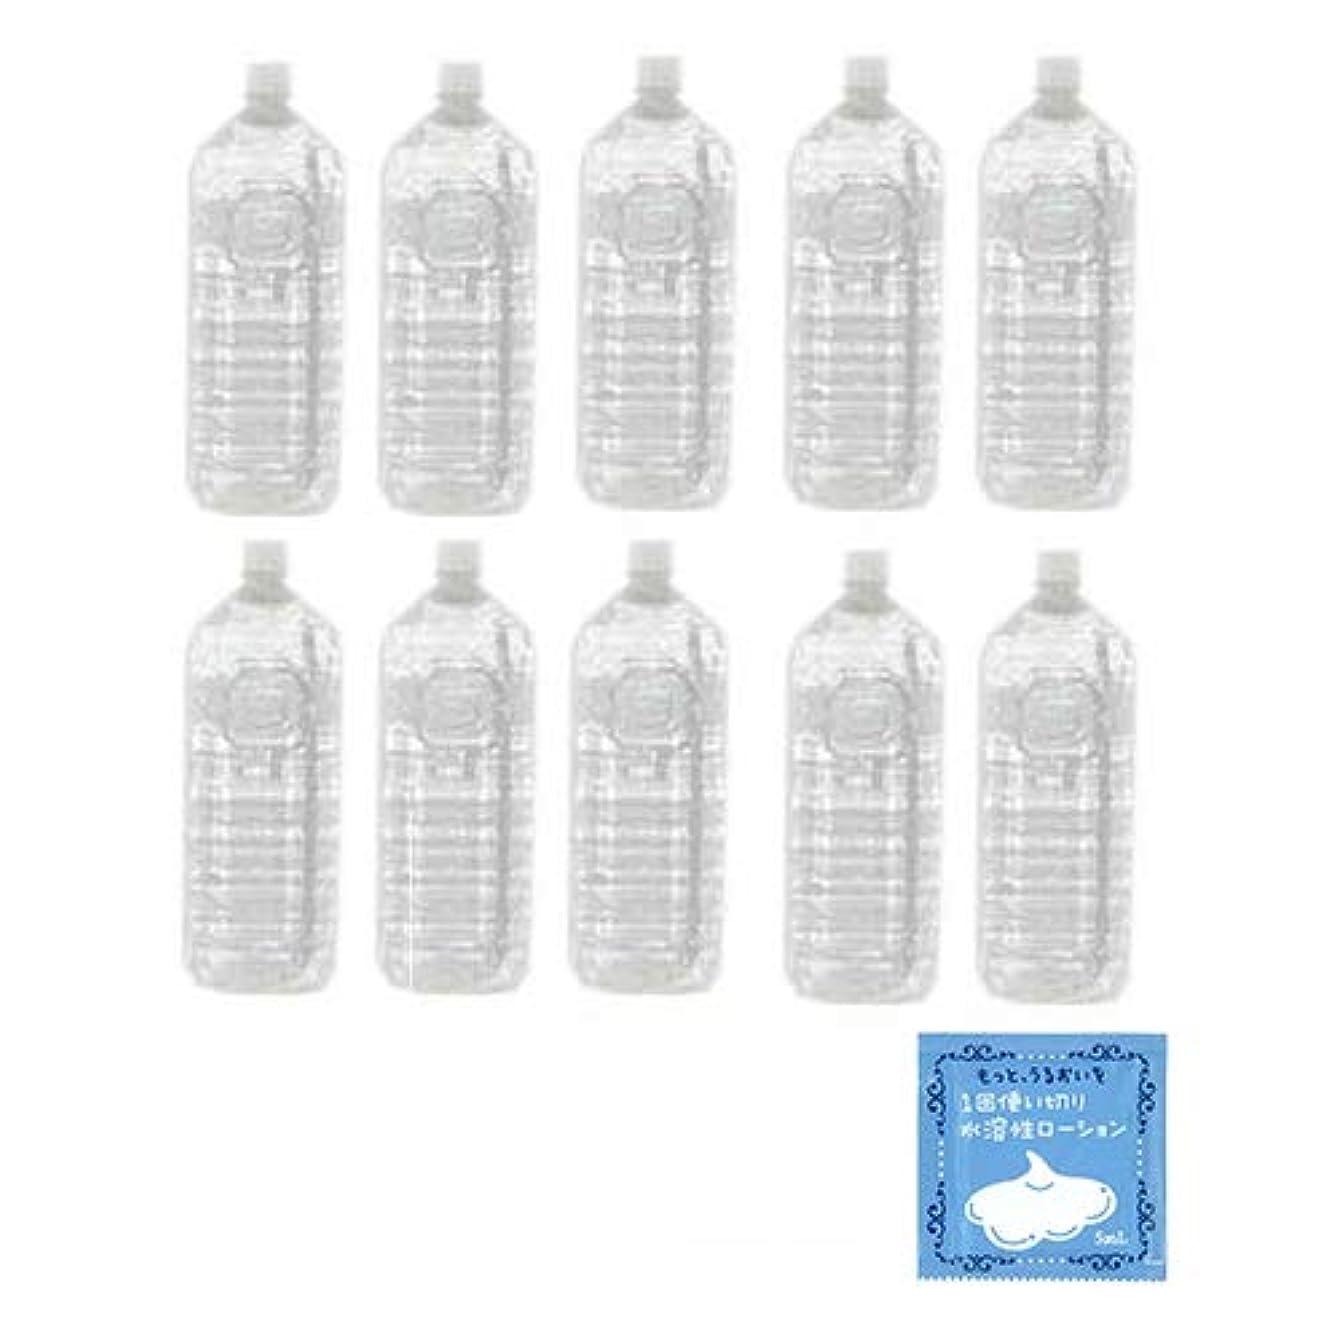 放出繁栄リゾートクリアローション 2Lペットボトル ハードタイプ(5倍濃縮原液) × 10本セット+ 1回使い切り水溶性潤滑ローション